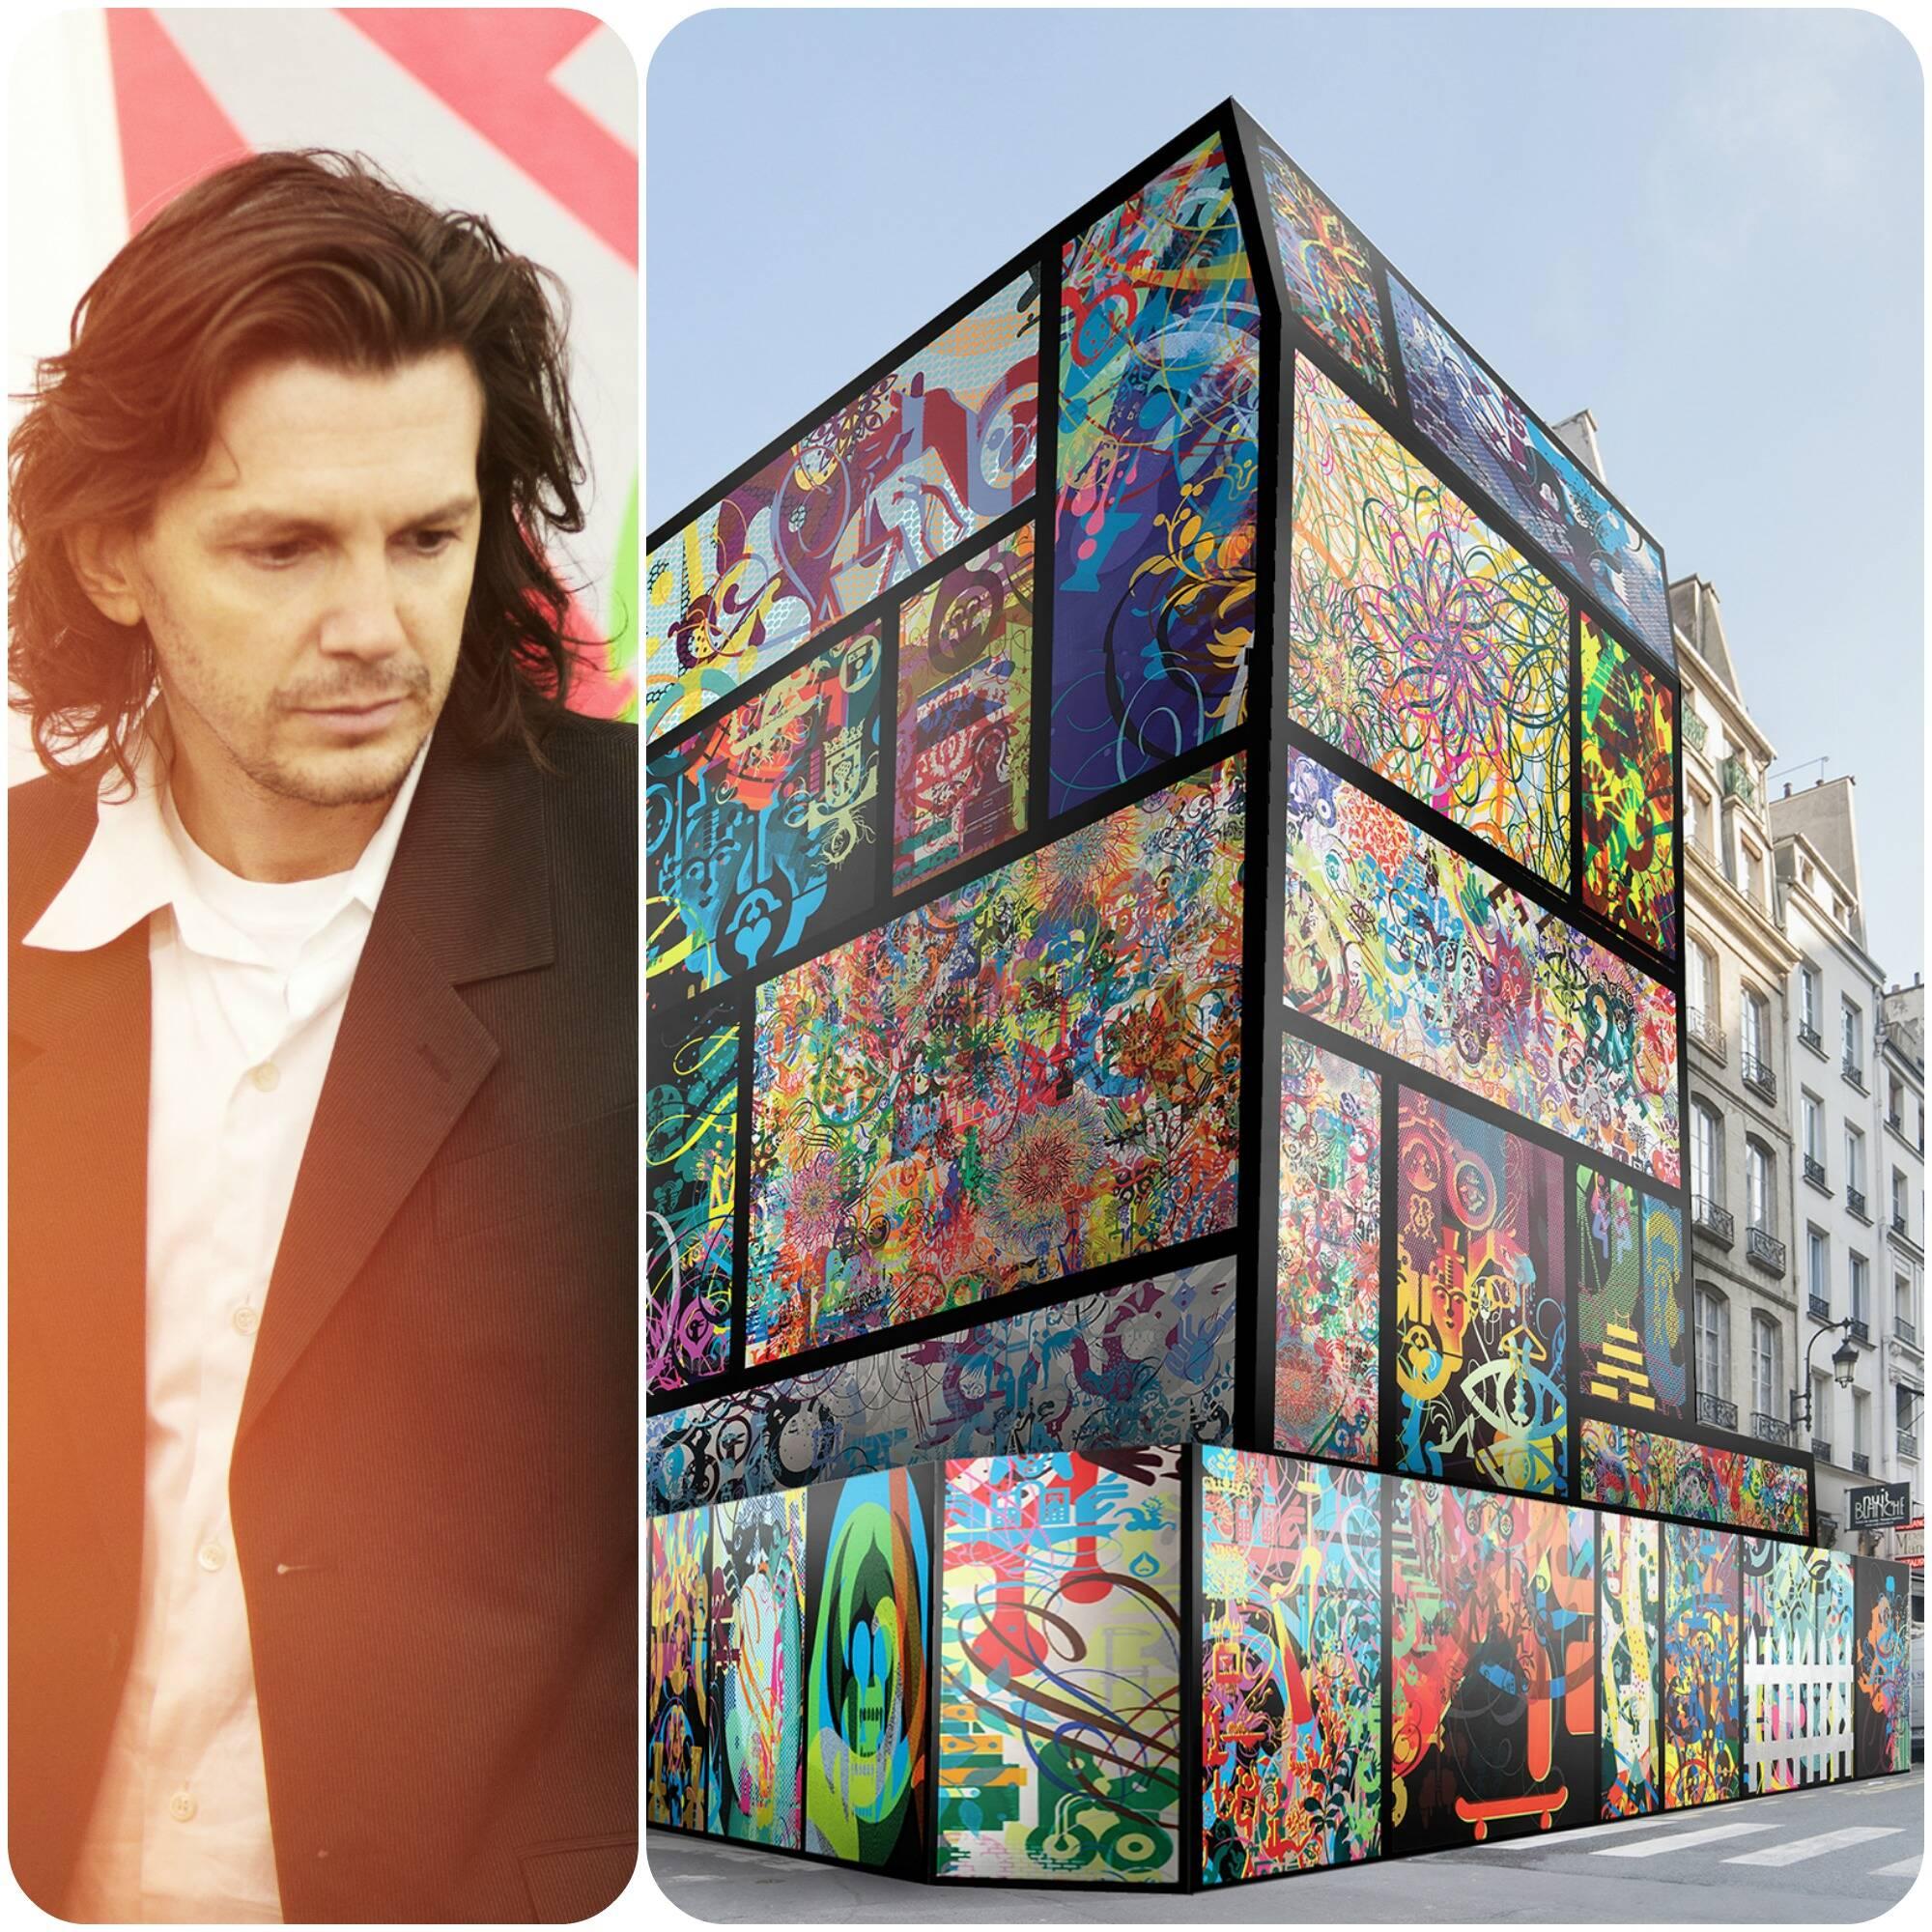 O artista Ryan McGuinness, na foto acima, e sua obra de arte de rua multicolorida, que faz parte da cultura do surfe e skate